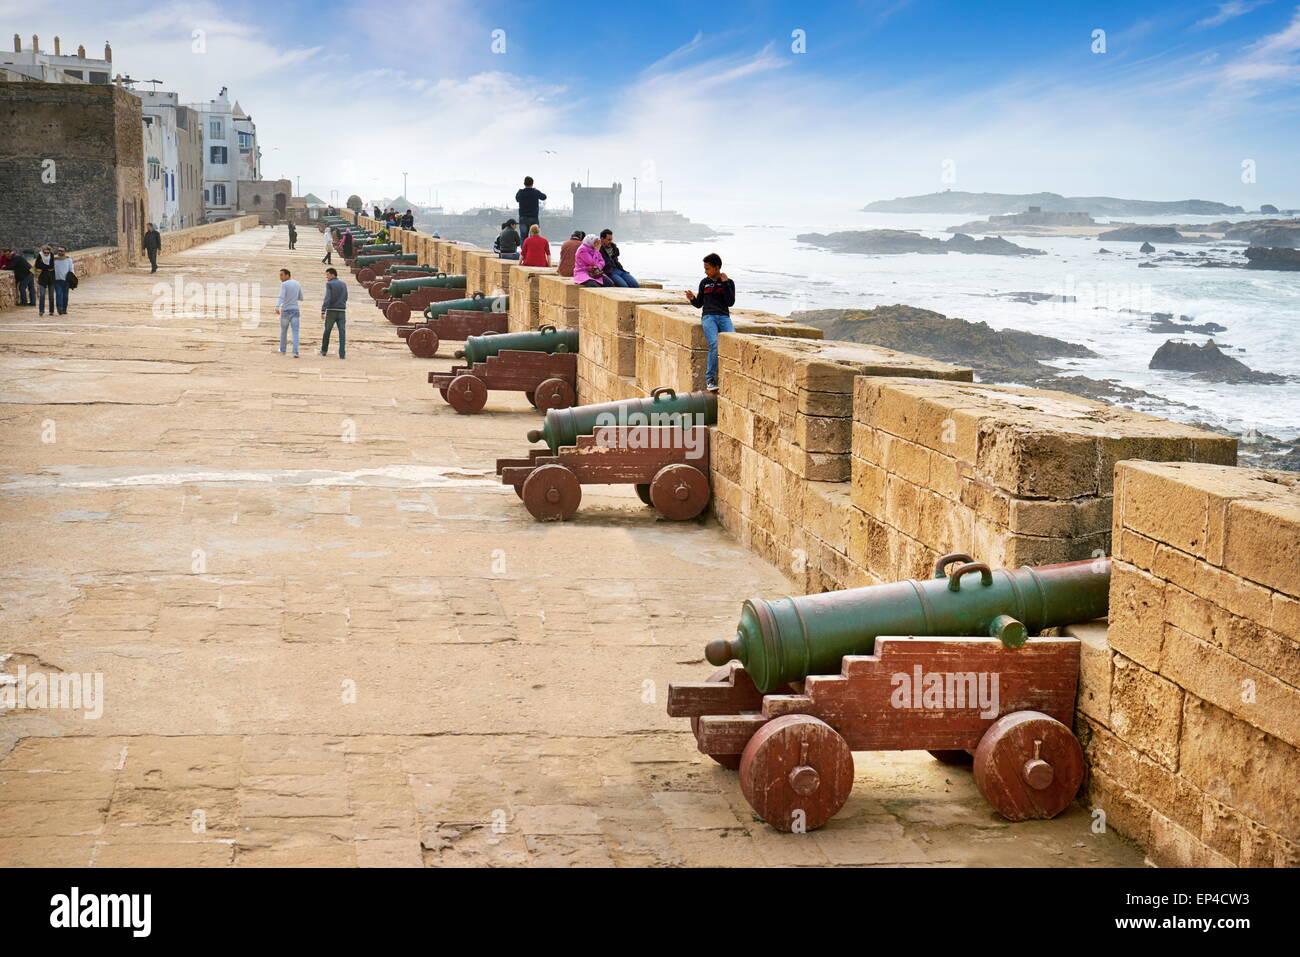 Essaouira, costera ciudad fortificada de murallas del siglo XVII son cañones. Marruecos Imagen De Stock